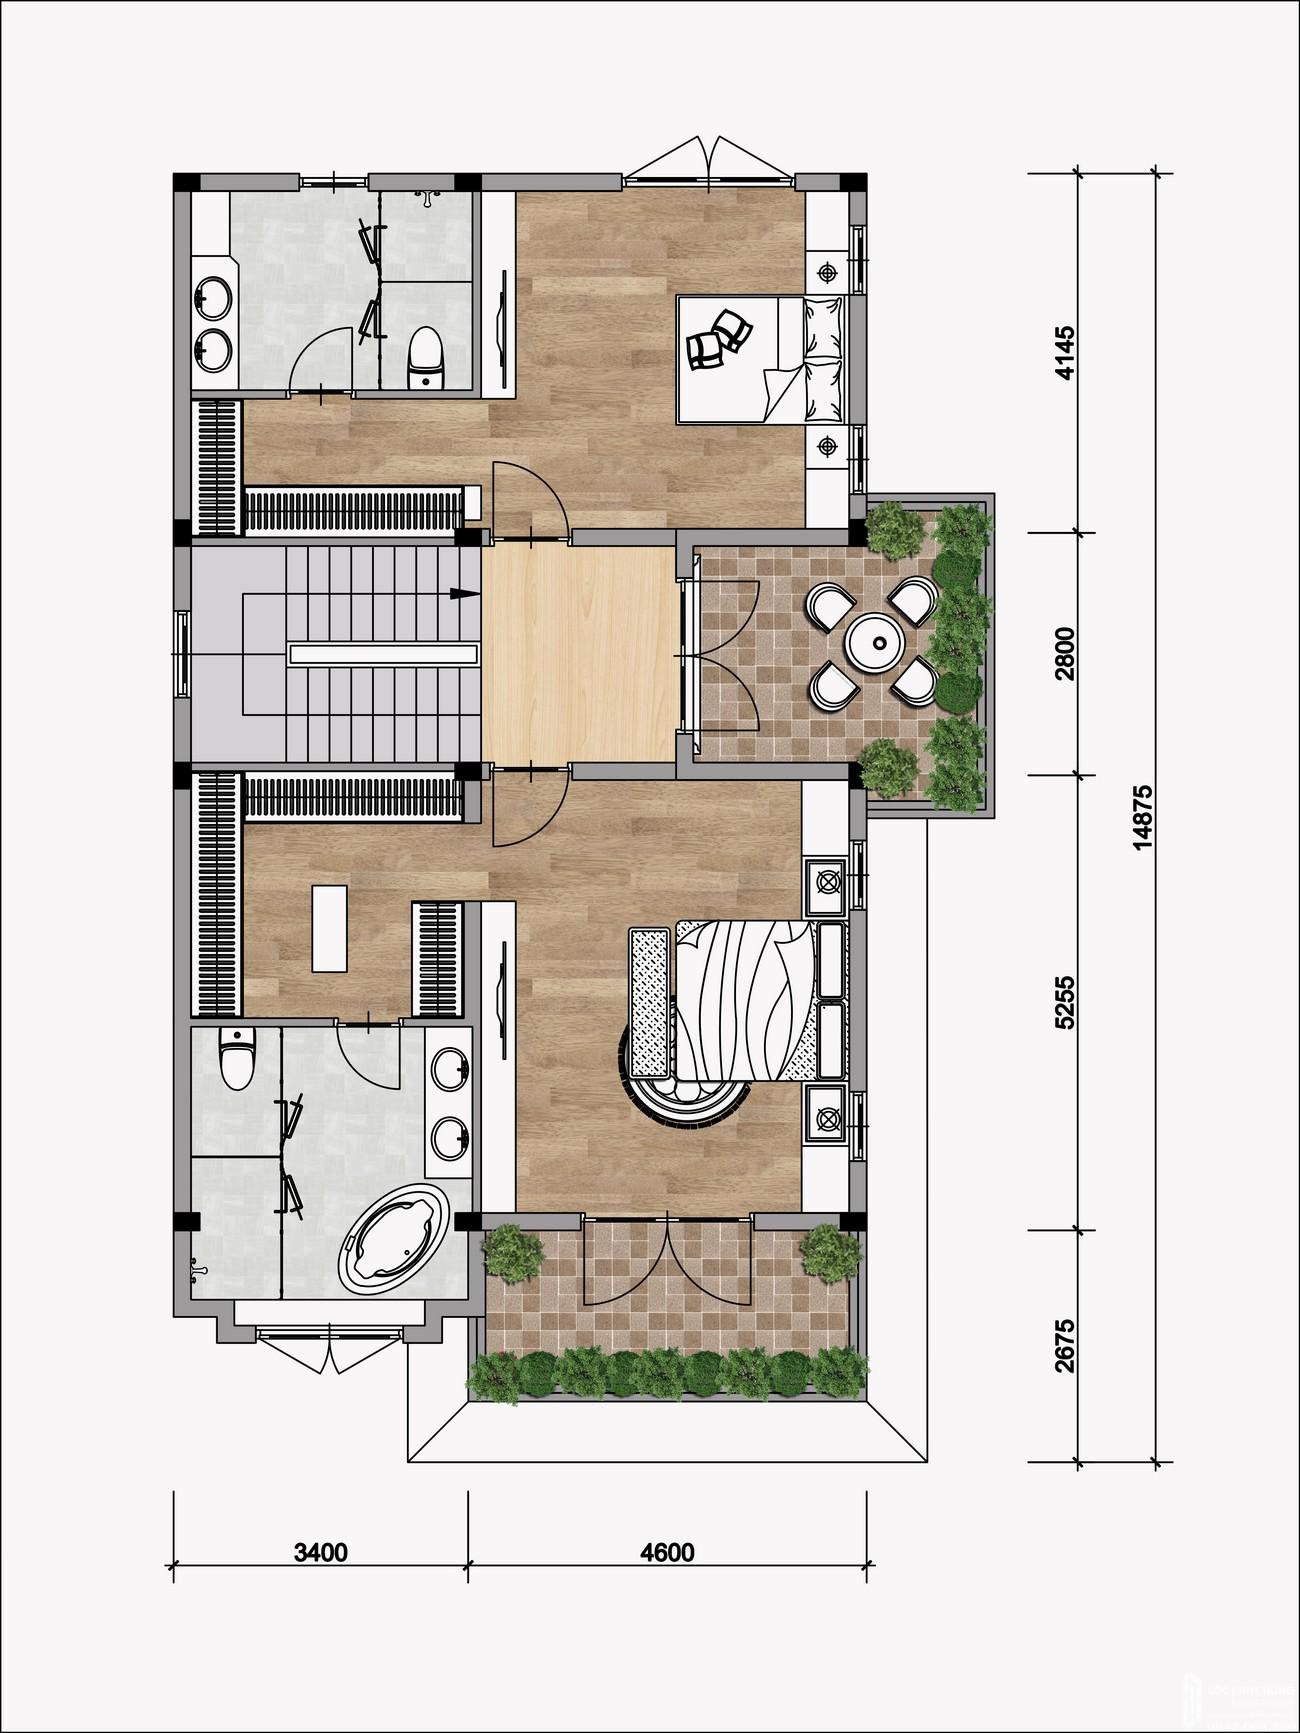 Thiết kế chi tiết Biệt thự đơn lập Gem Sky World Đất Xanh Đường Quốc Lộ 51 Long Thành